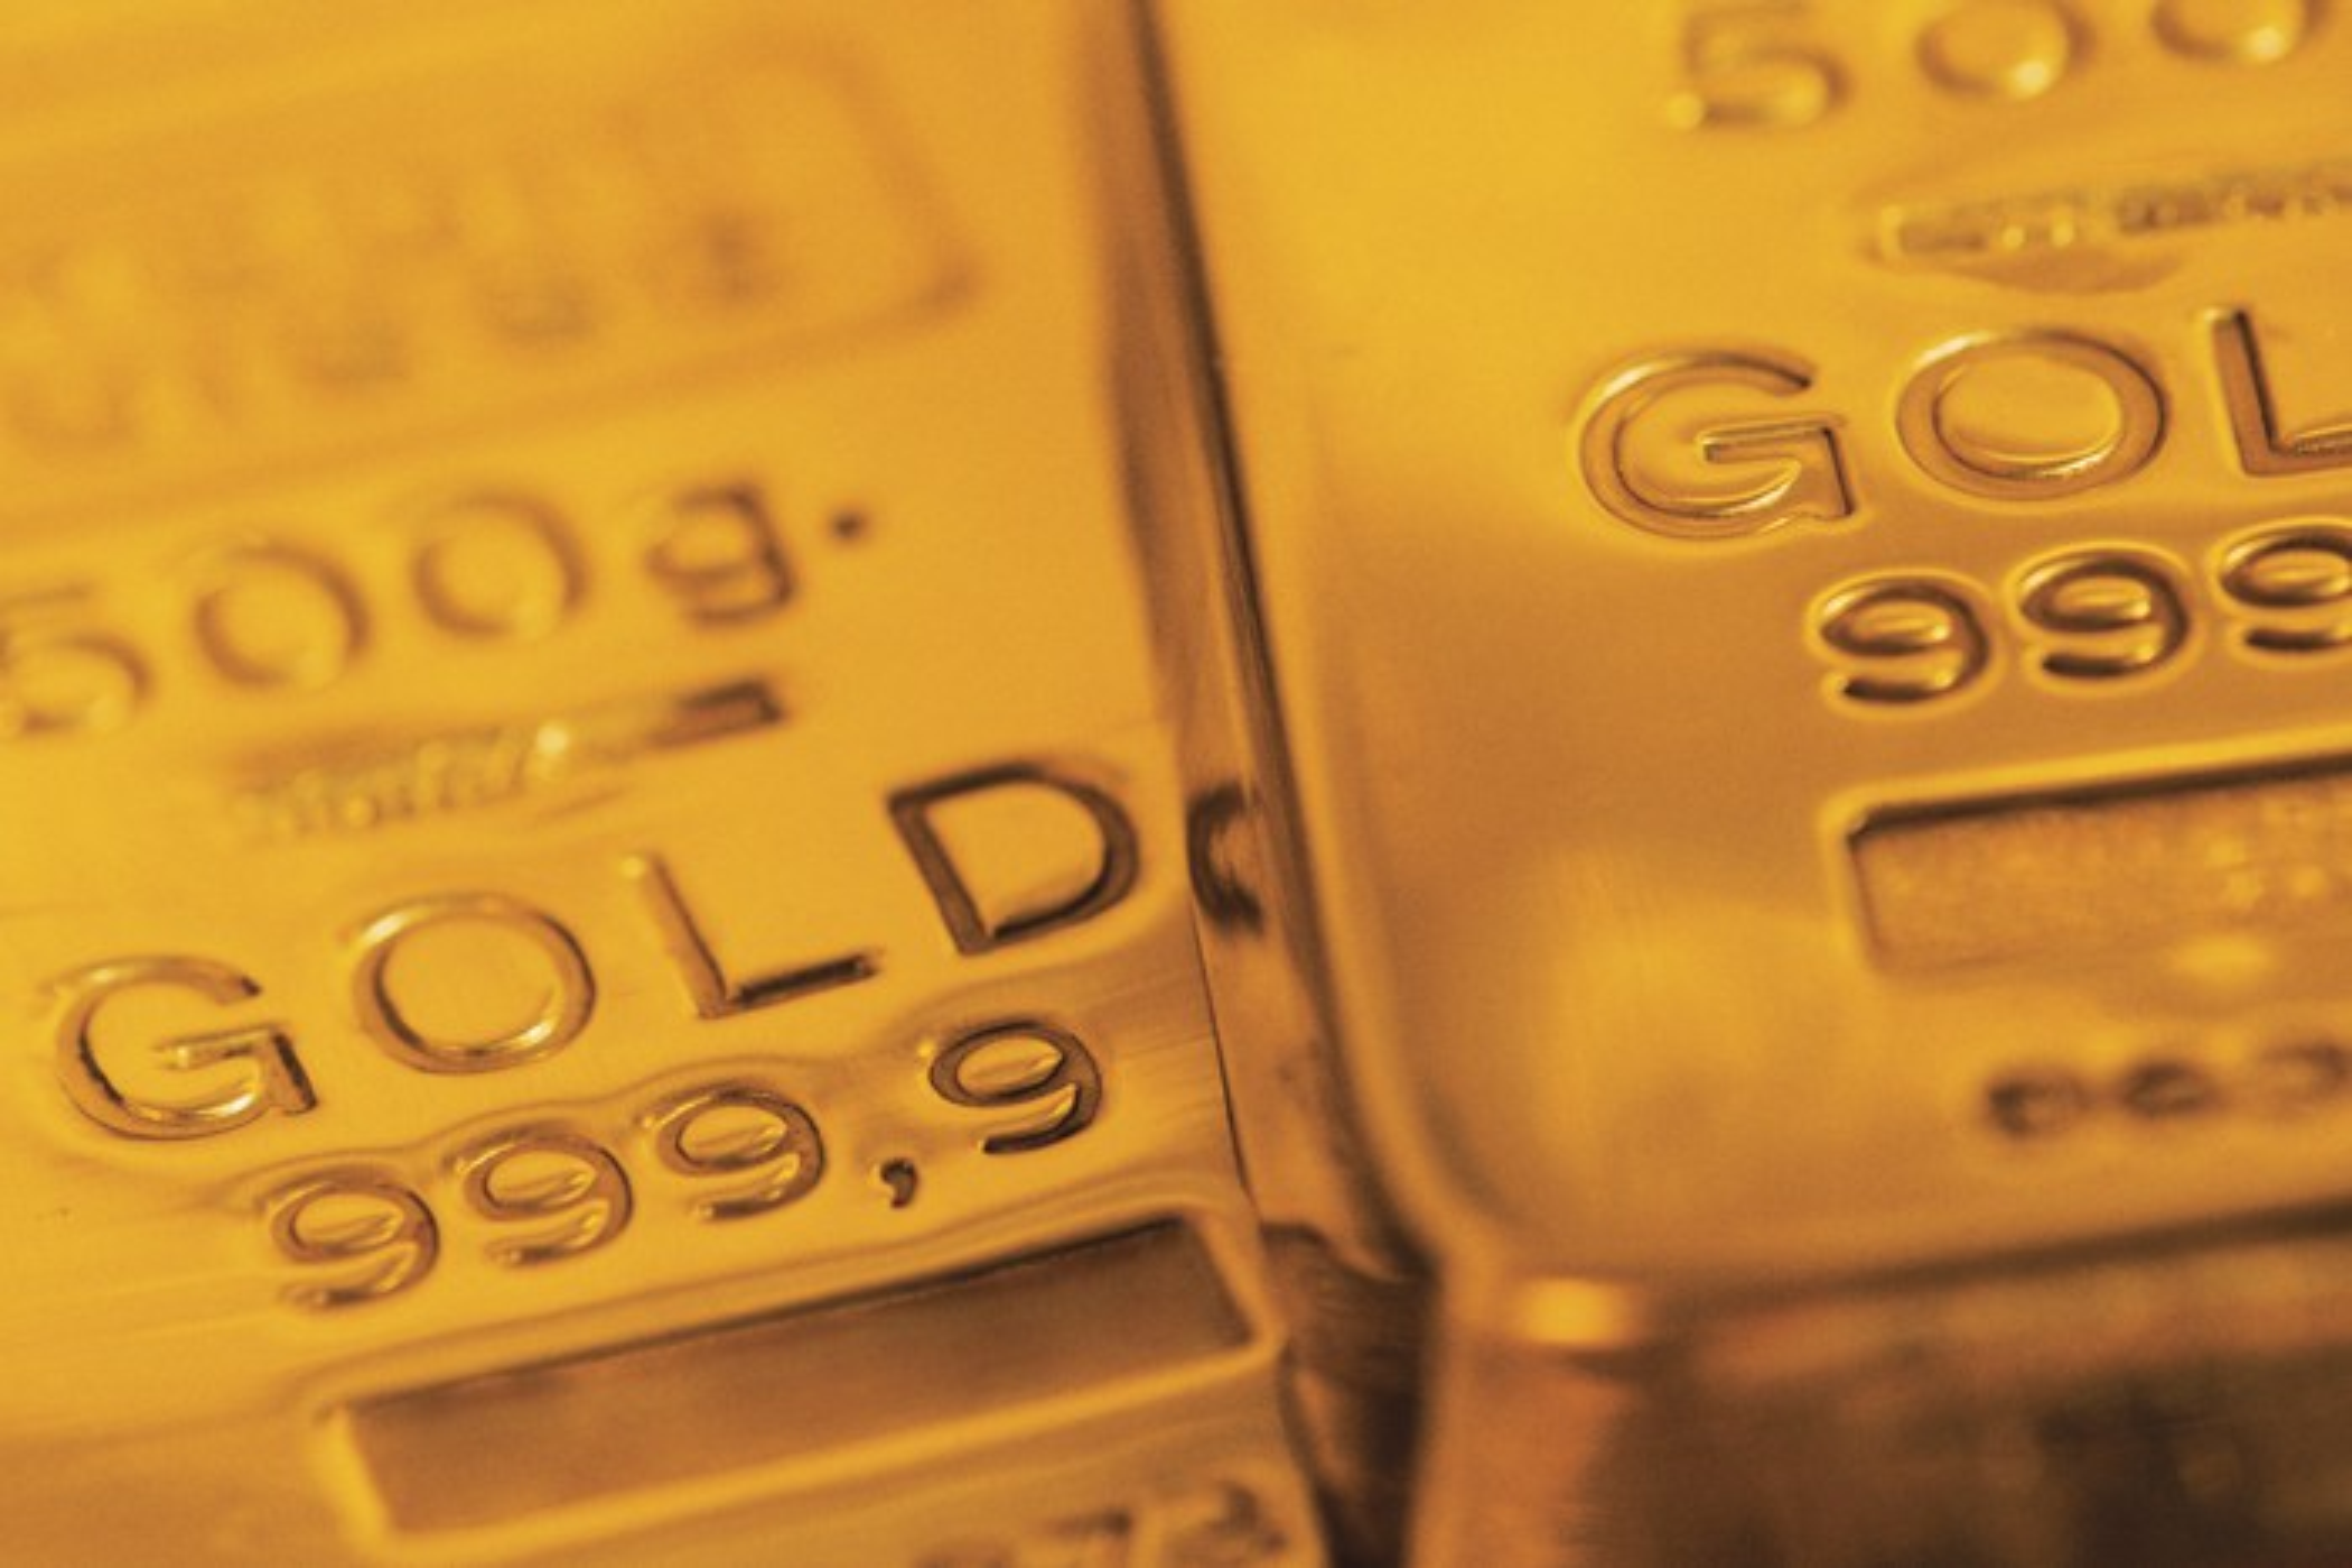 Adjacent bars of gold.